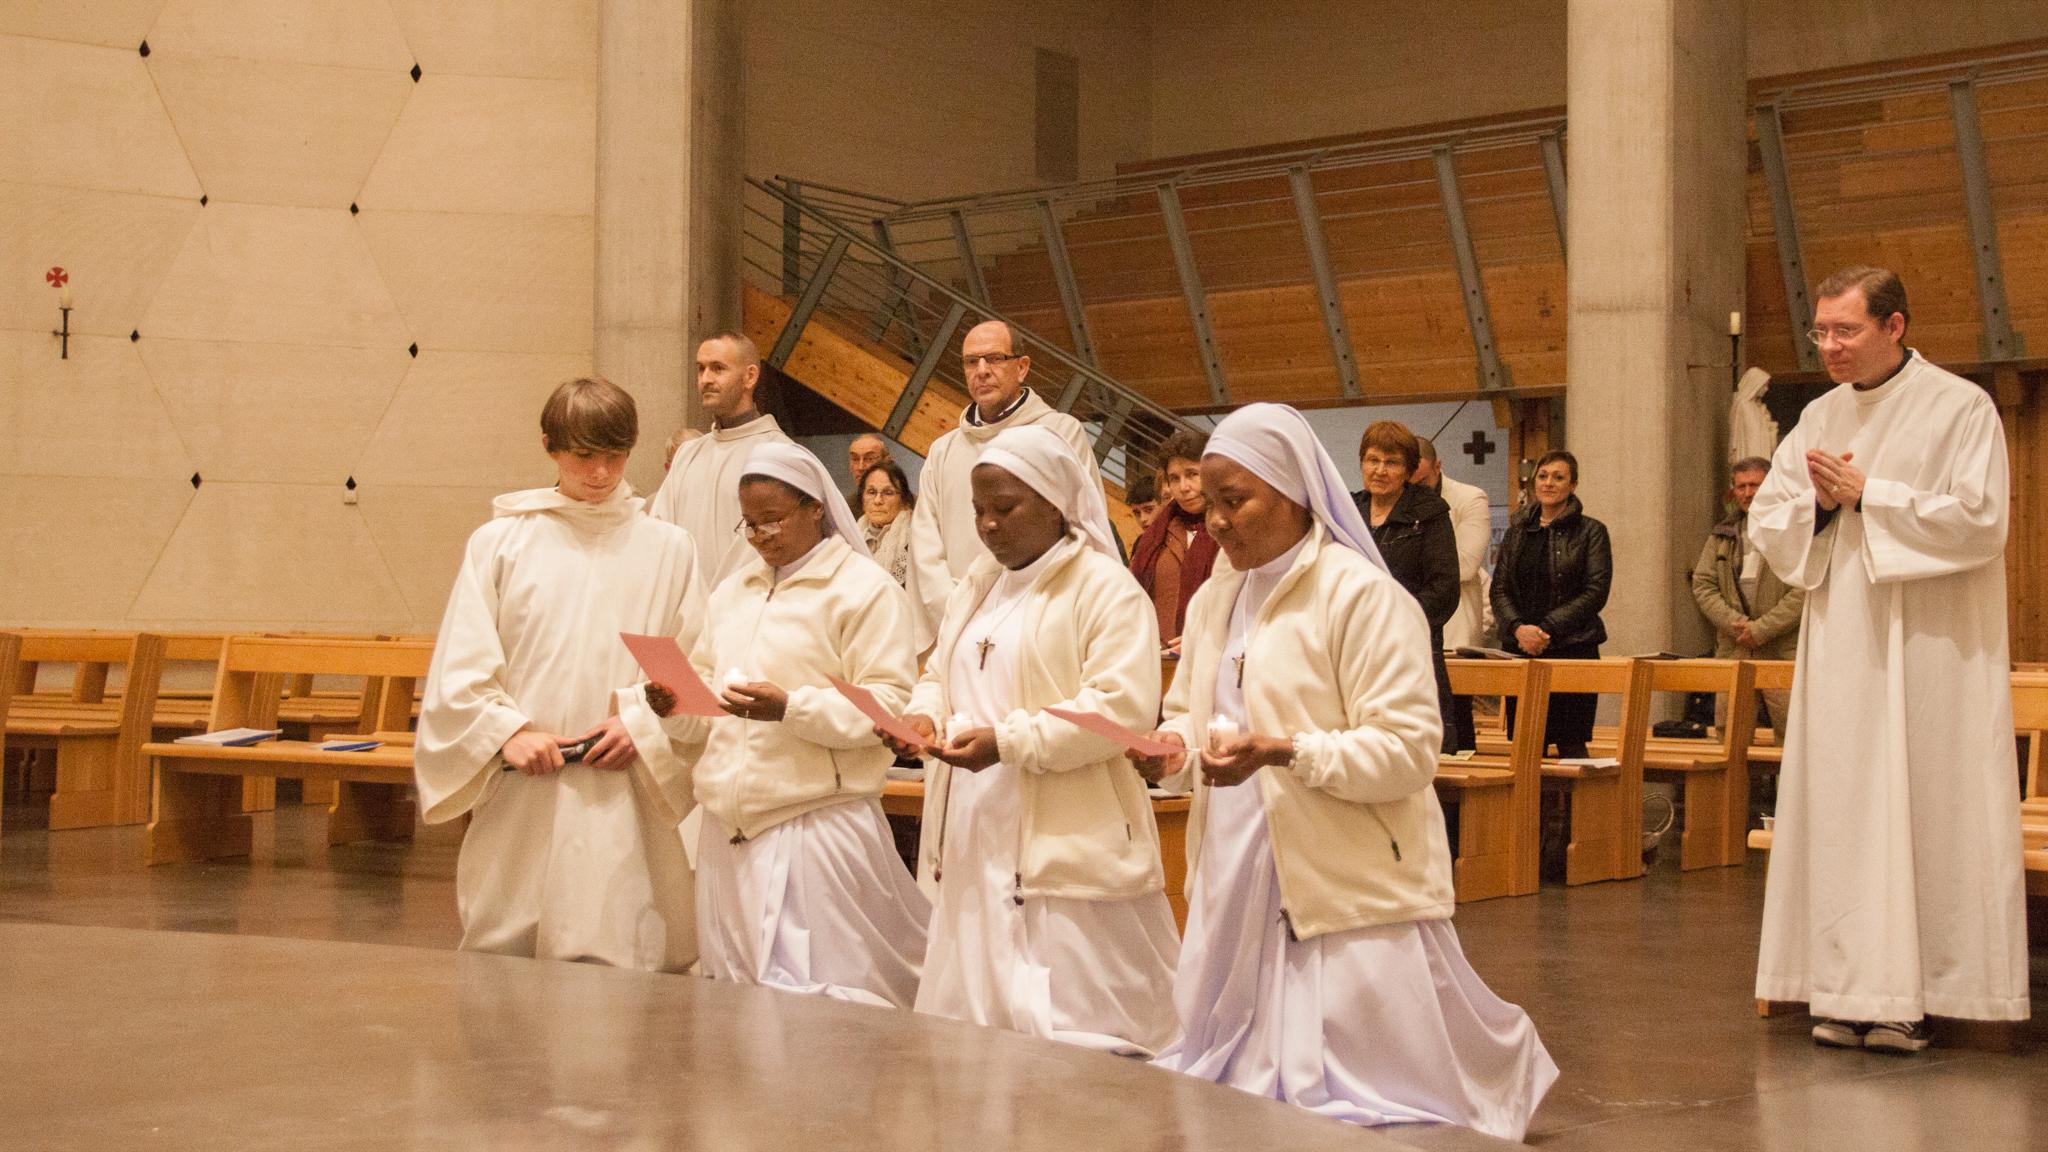 Renouvellement des Voeux des Soeurs de Saint Augustin du Bénin